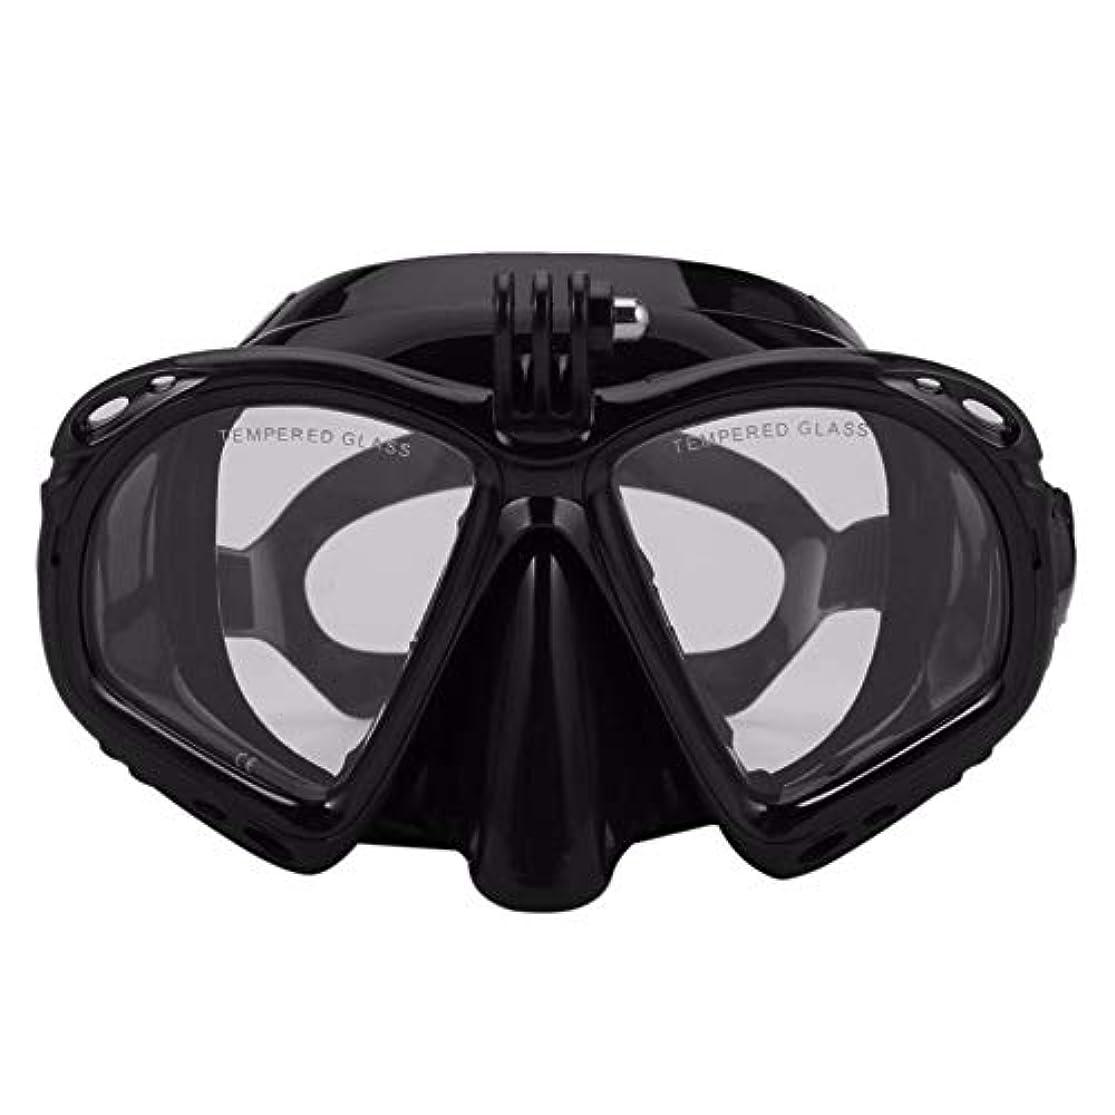 ほとんどのスポーツカメラに適したプロの水中ダイビングマスクダイビングシュノーケル水泳ゴーグルスキューバダイビング機器 g5y9k2i3rw1